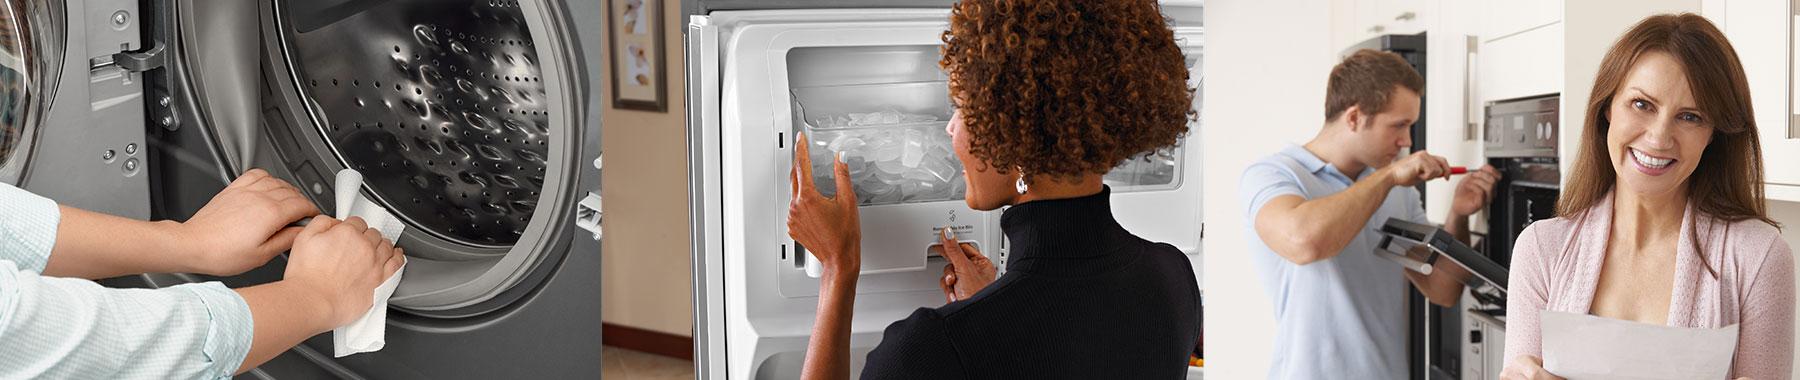 Appliance Parts & Services